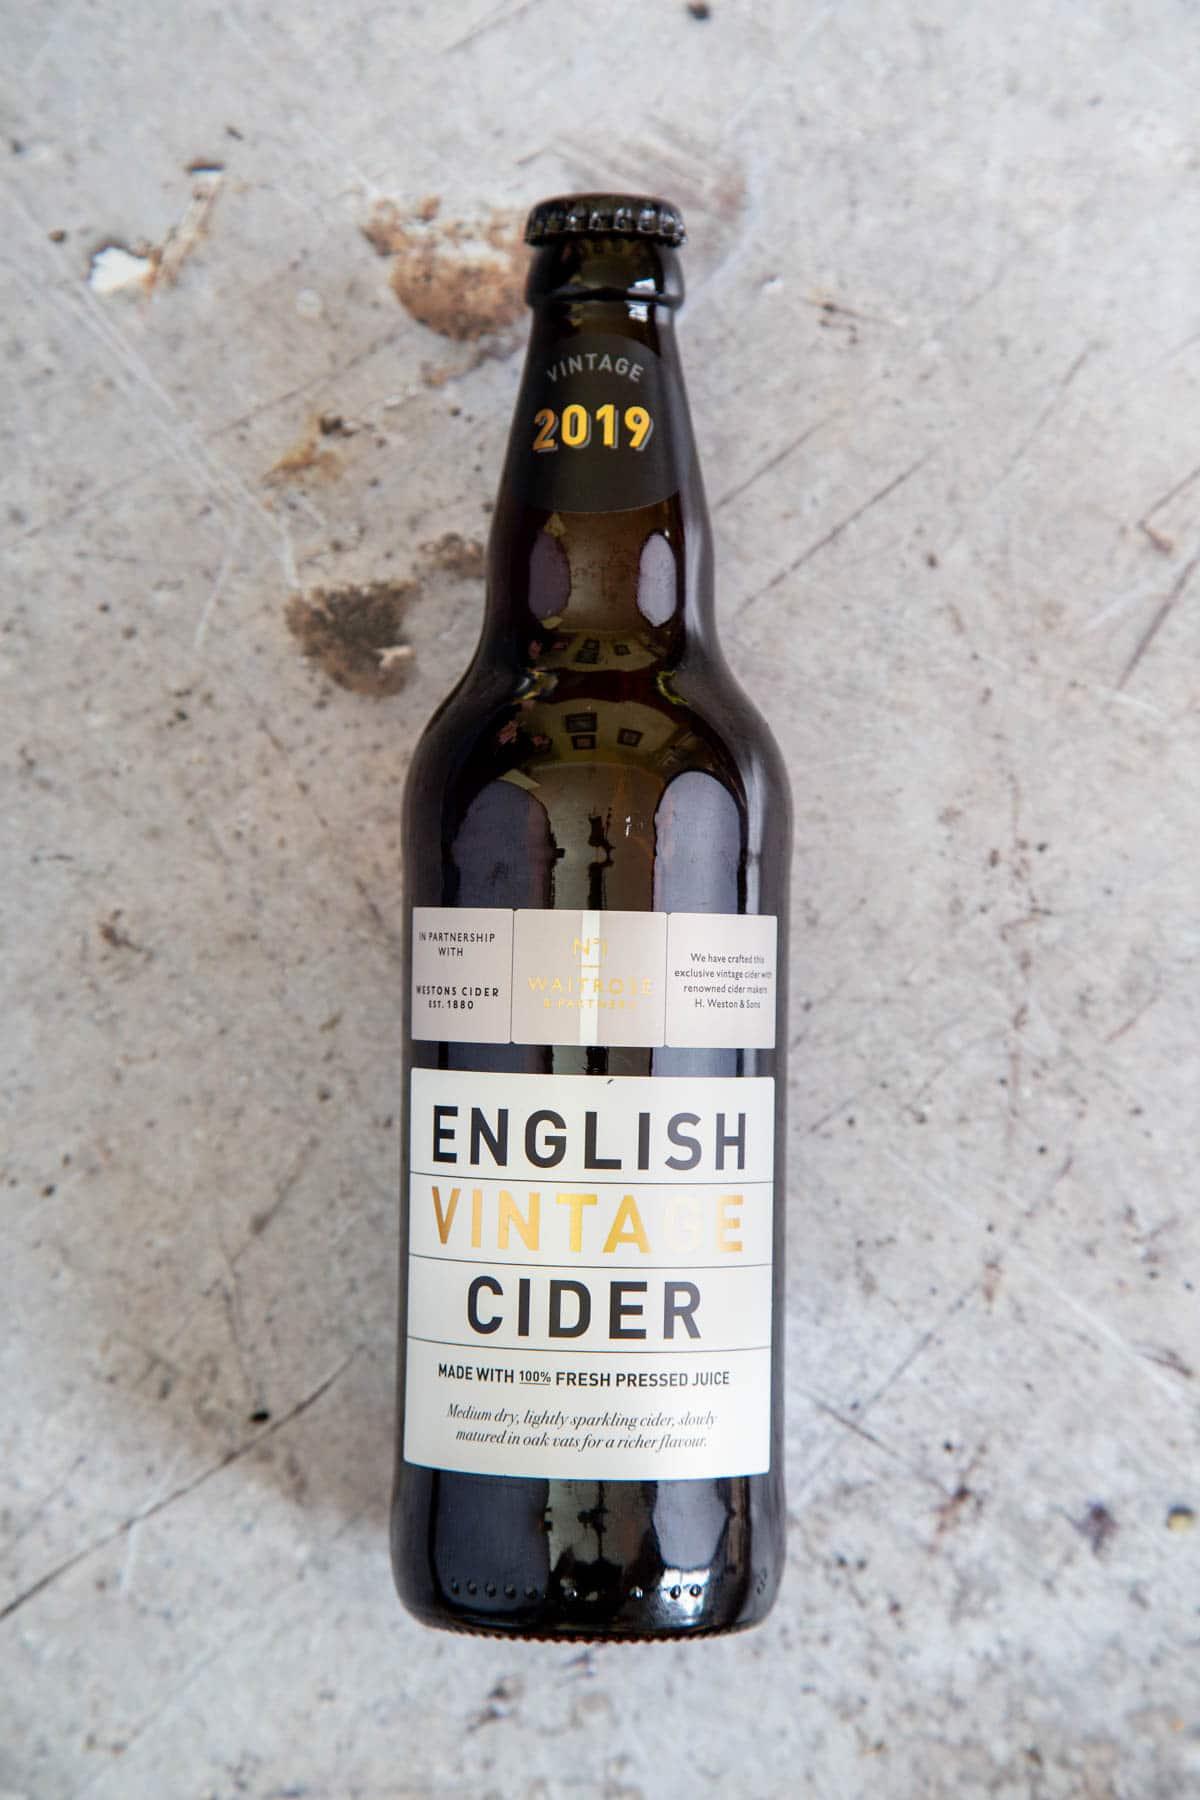 A bottle of English vintage cider.